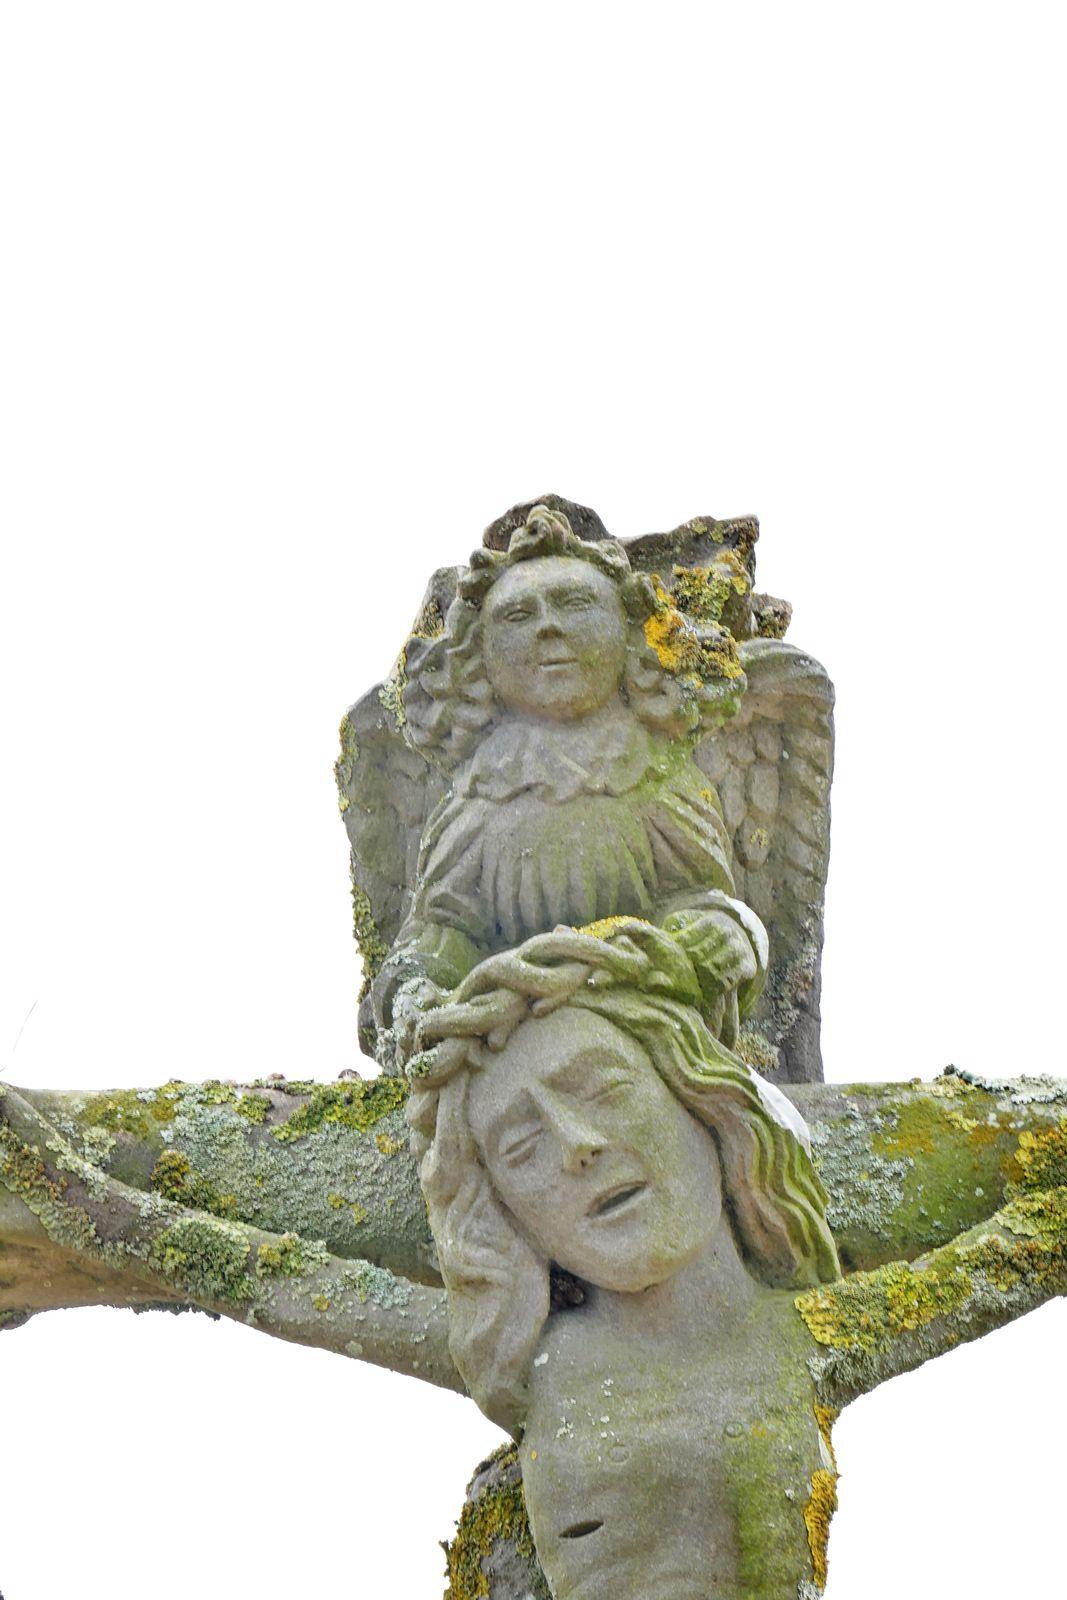 Calvaire (kersanton, XVe siècle), cimetière de l'église de Plougoulm. Photographie lavieb-aile juin 2021.